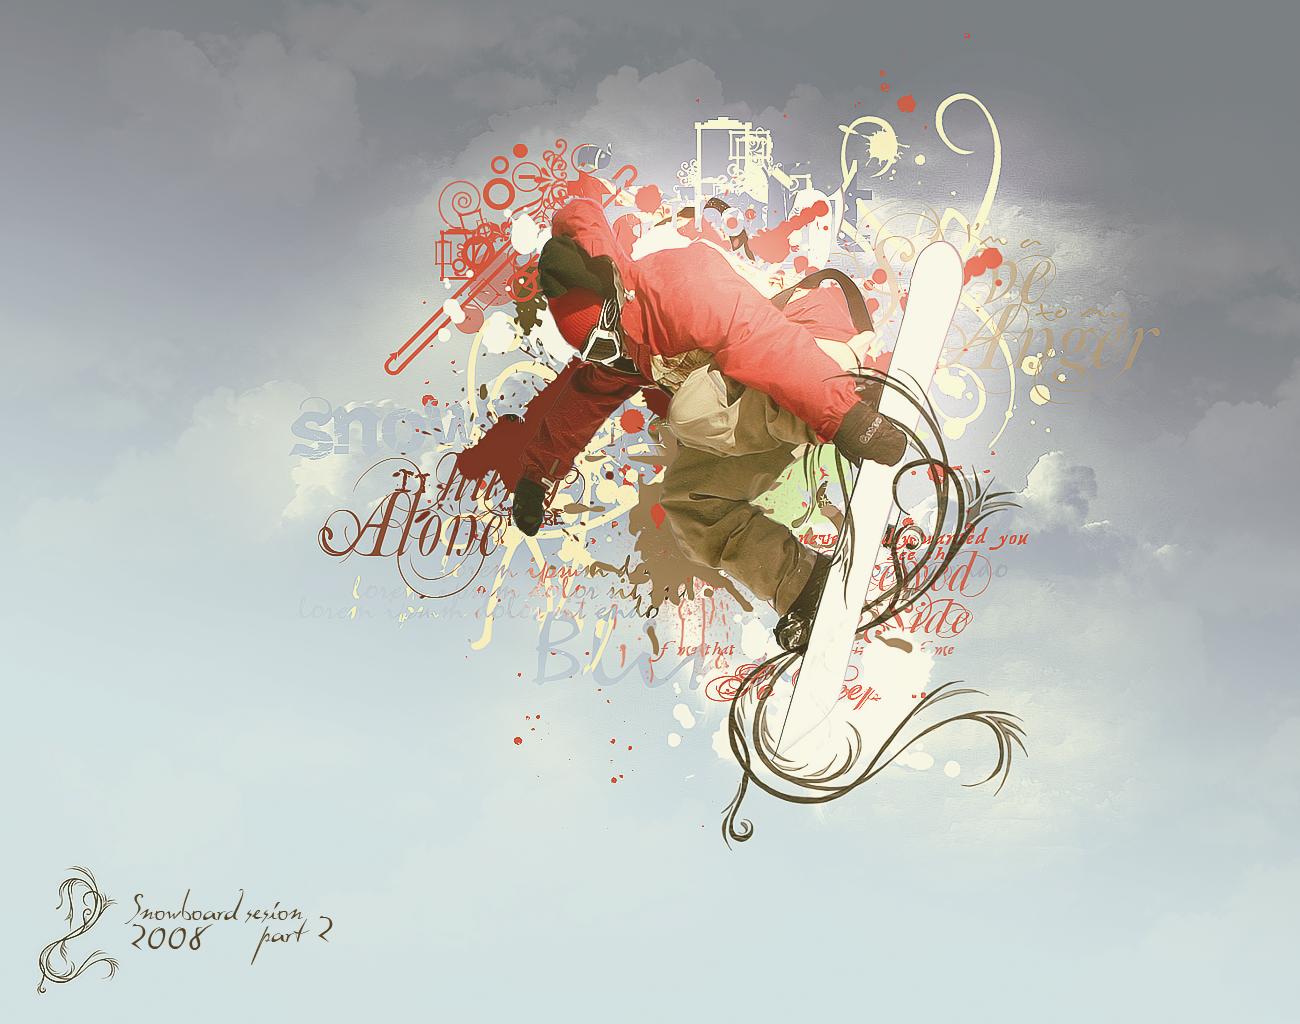 Snowboard v2.0 by GLnoize